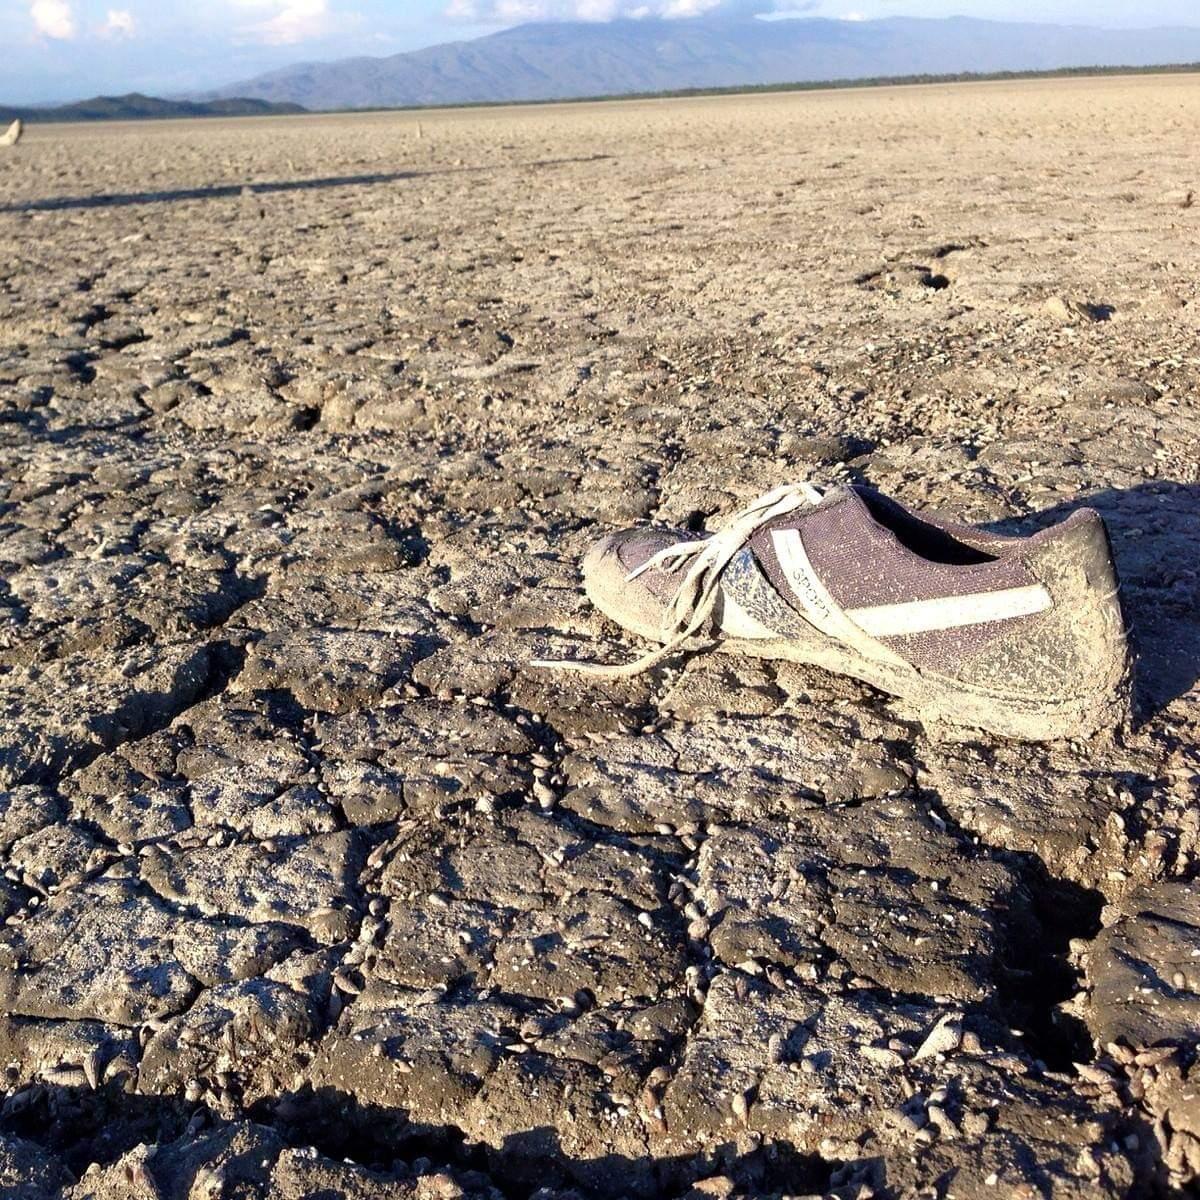 Al acelerarse el cambio climático, el mundo está 'peligrosamente, Al acelerarse el cambio climático, el mundo está peligrosamente